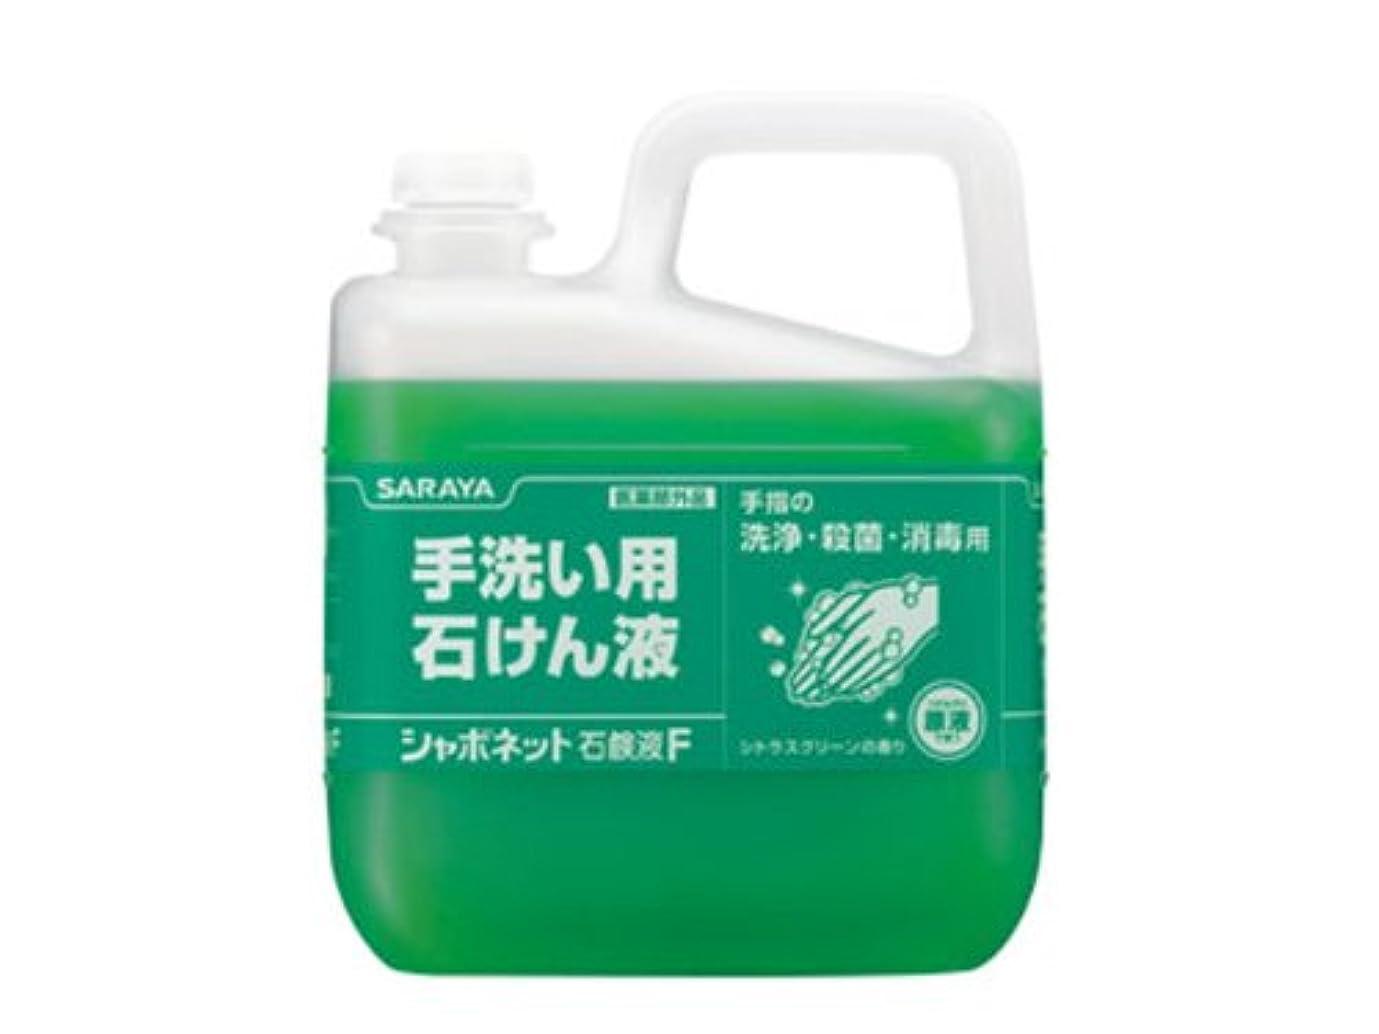 続ける番目厳密に業務用ハンドソープ【サラヤ シャボネット石鹸液F 5kg】1ケース3本入り|シトラスグリーンの香り